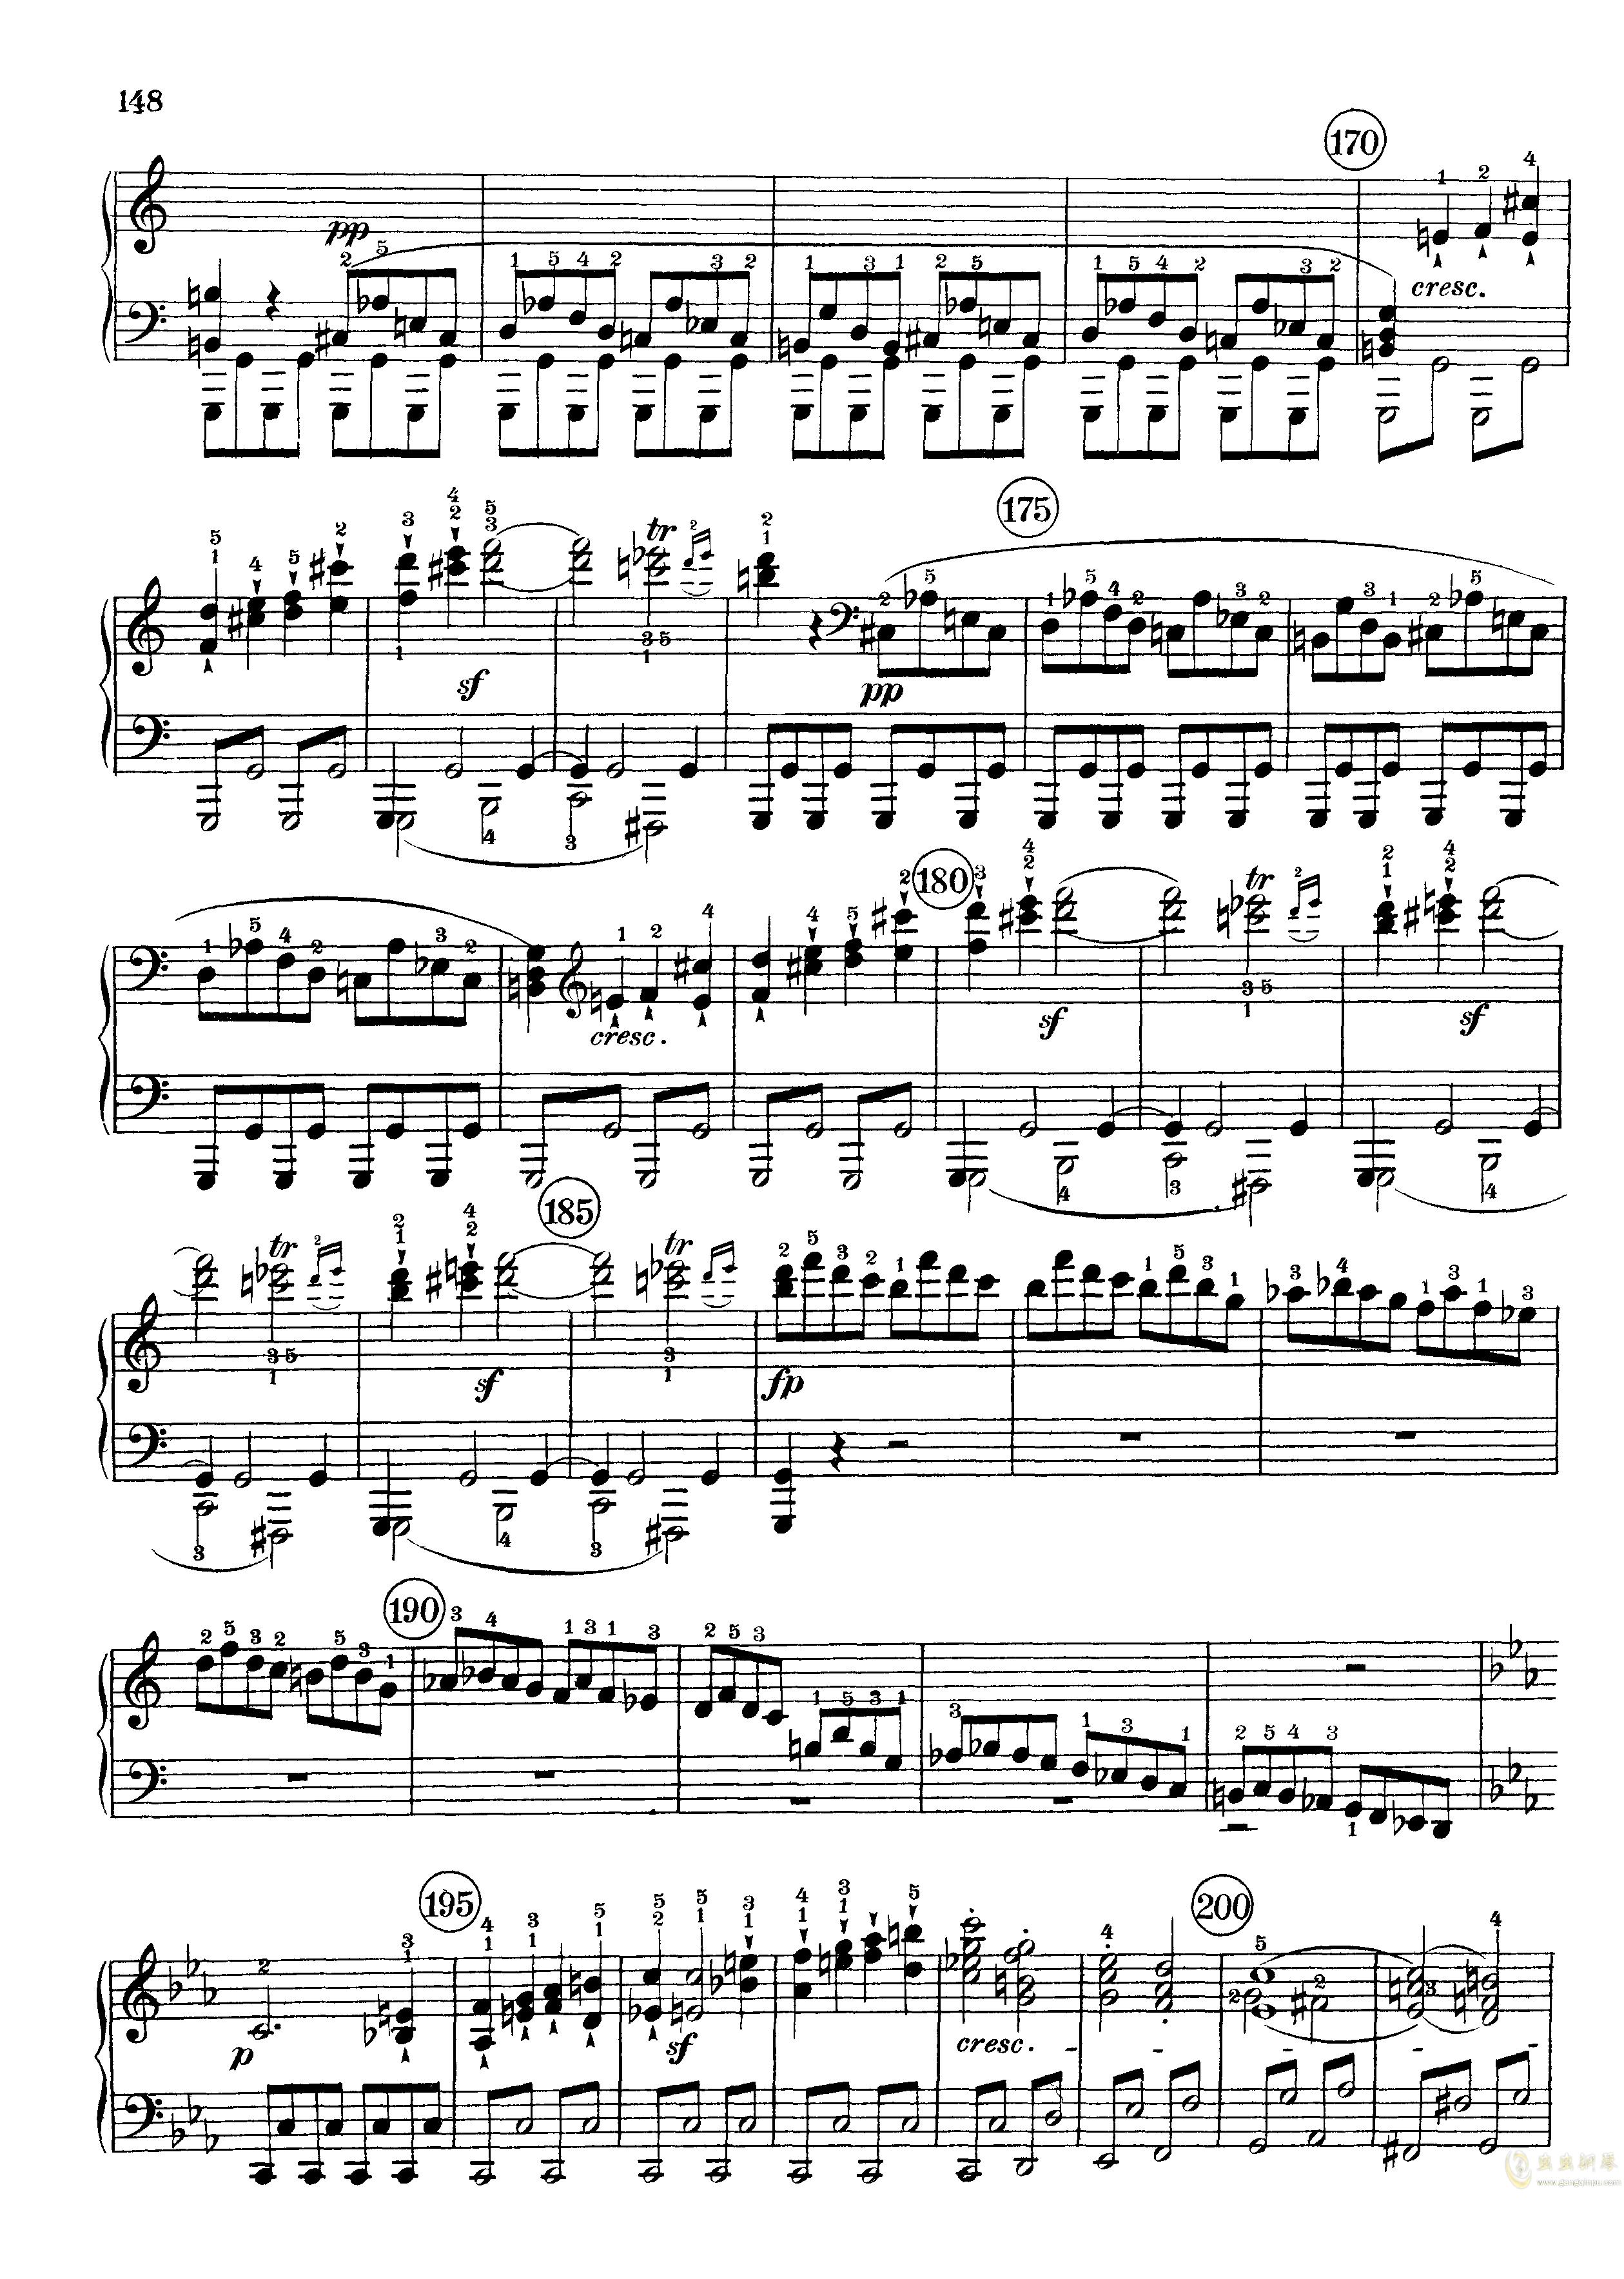 c小调第八号钢琴奏鸣曲澳门星际官网 第6页